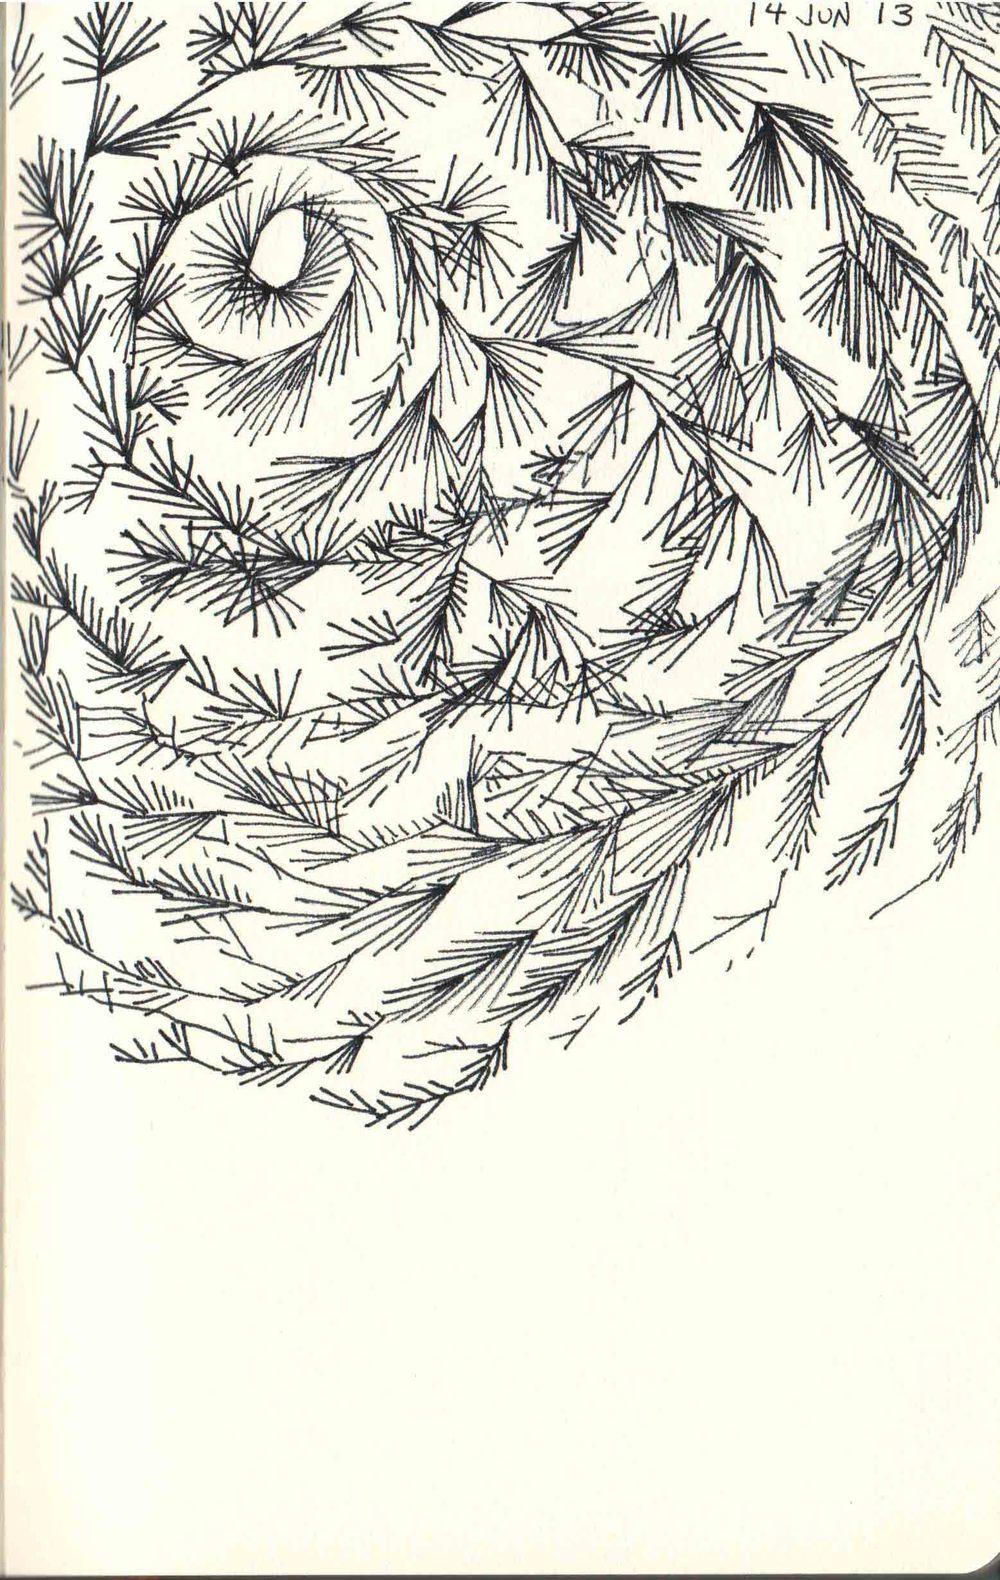 06_14.jpg